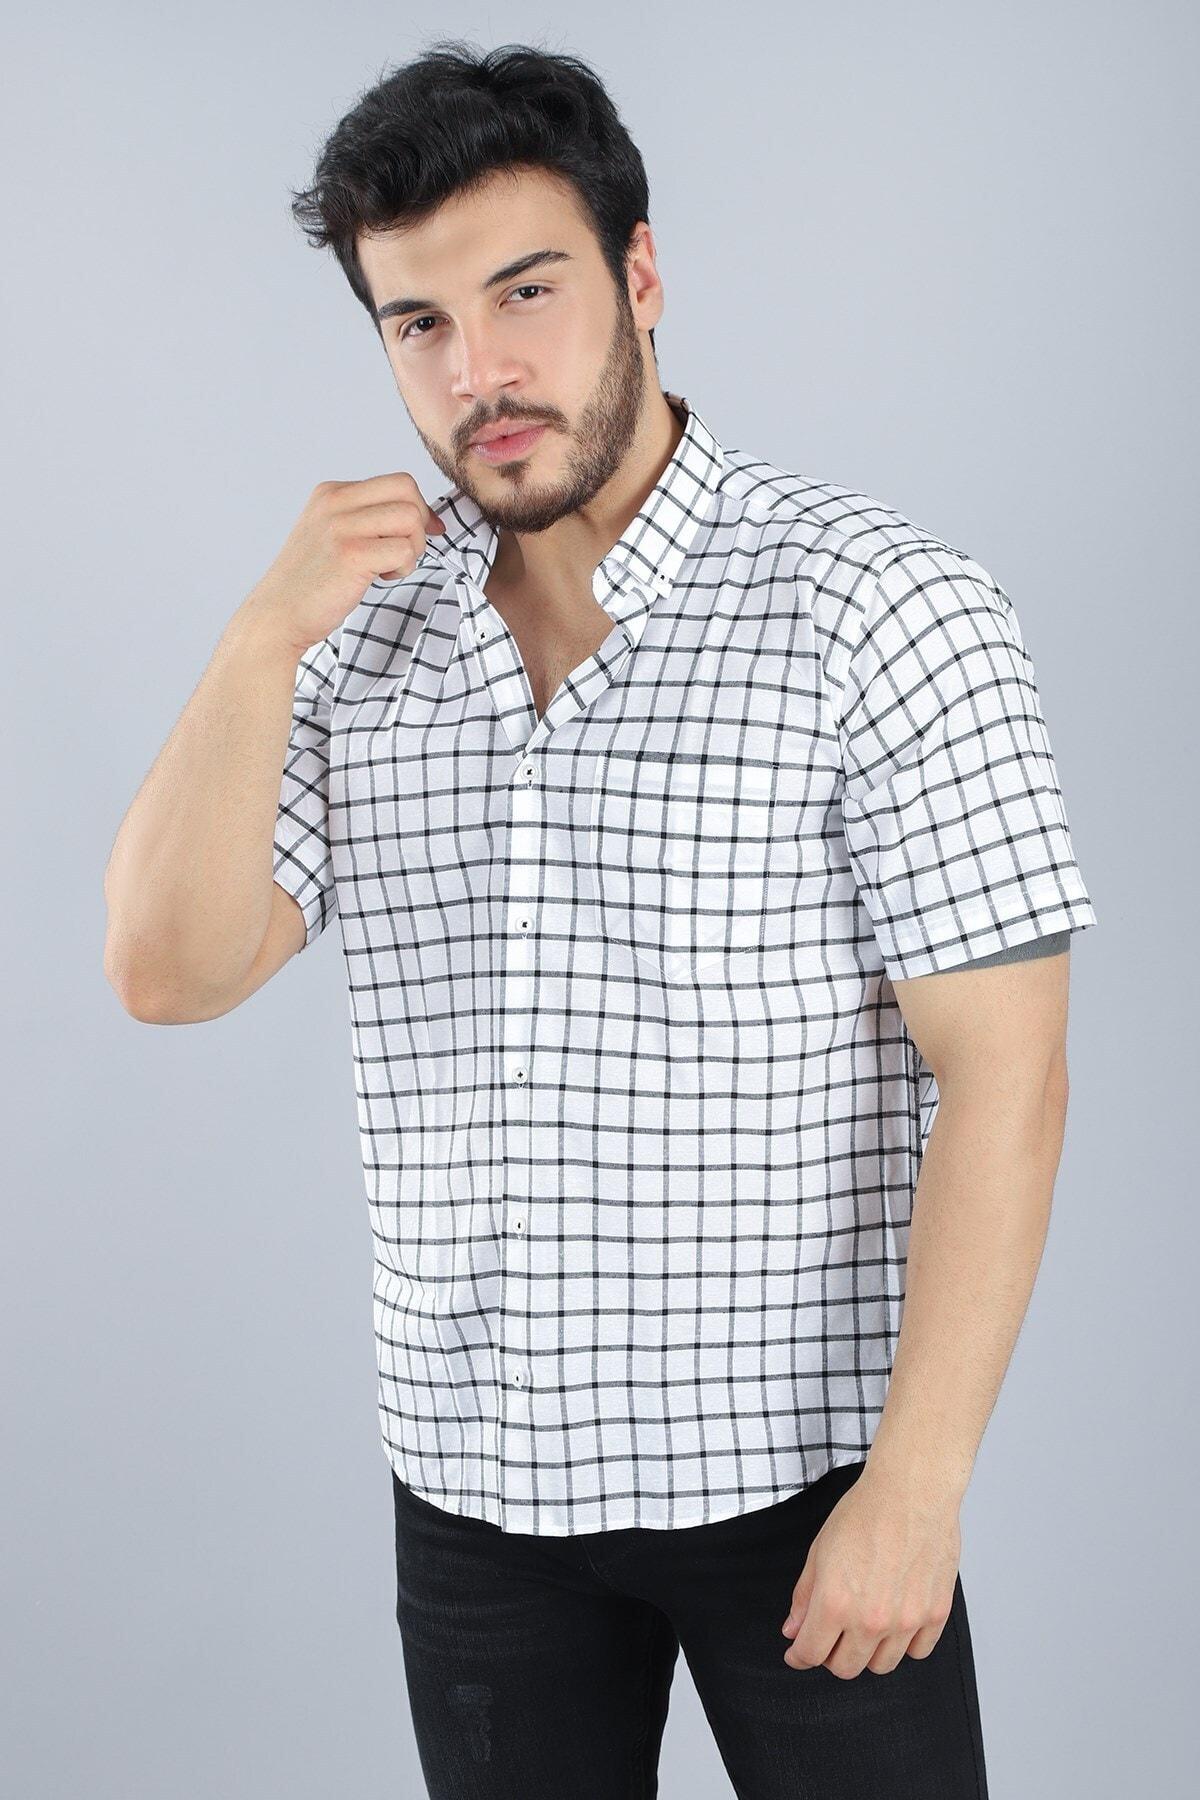 Erkek Cepli Düğmeli Normal Kalıp Kısa Kollu Siyah-beyaz Kısa Kol Gömlek